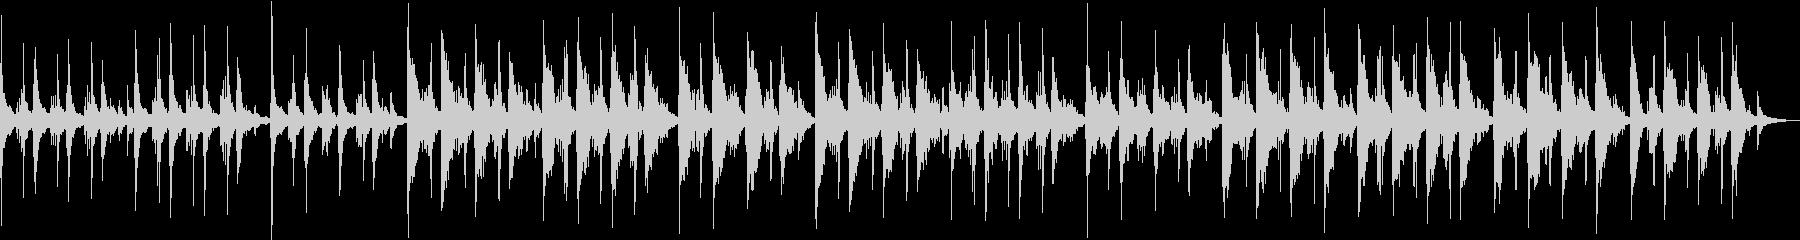 ピアノの優しい音色のリラクゼーション音楽の未再生の波形